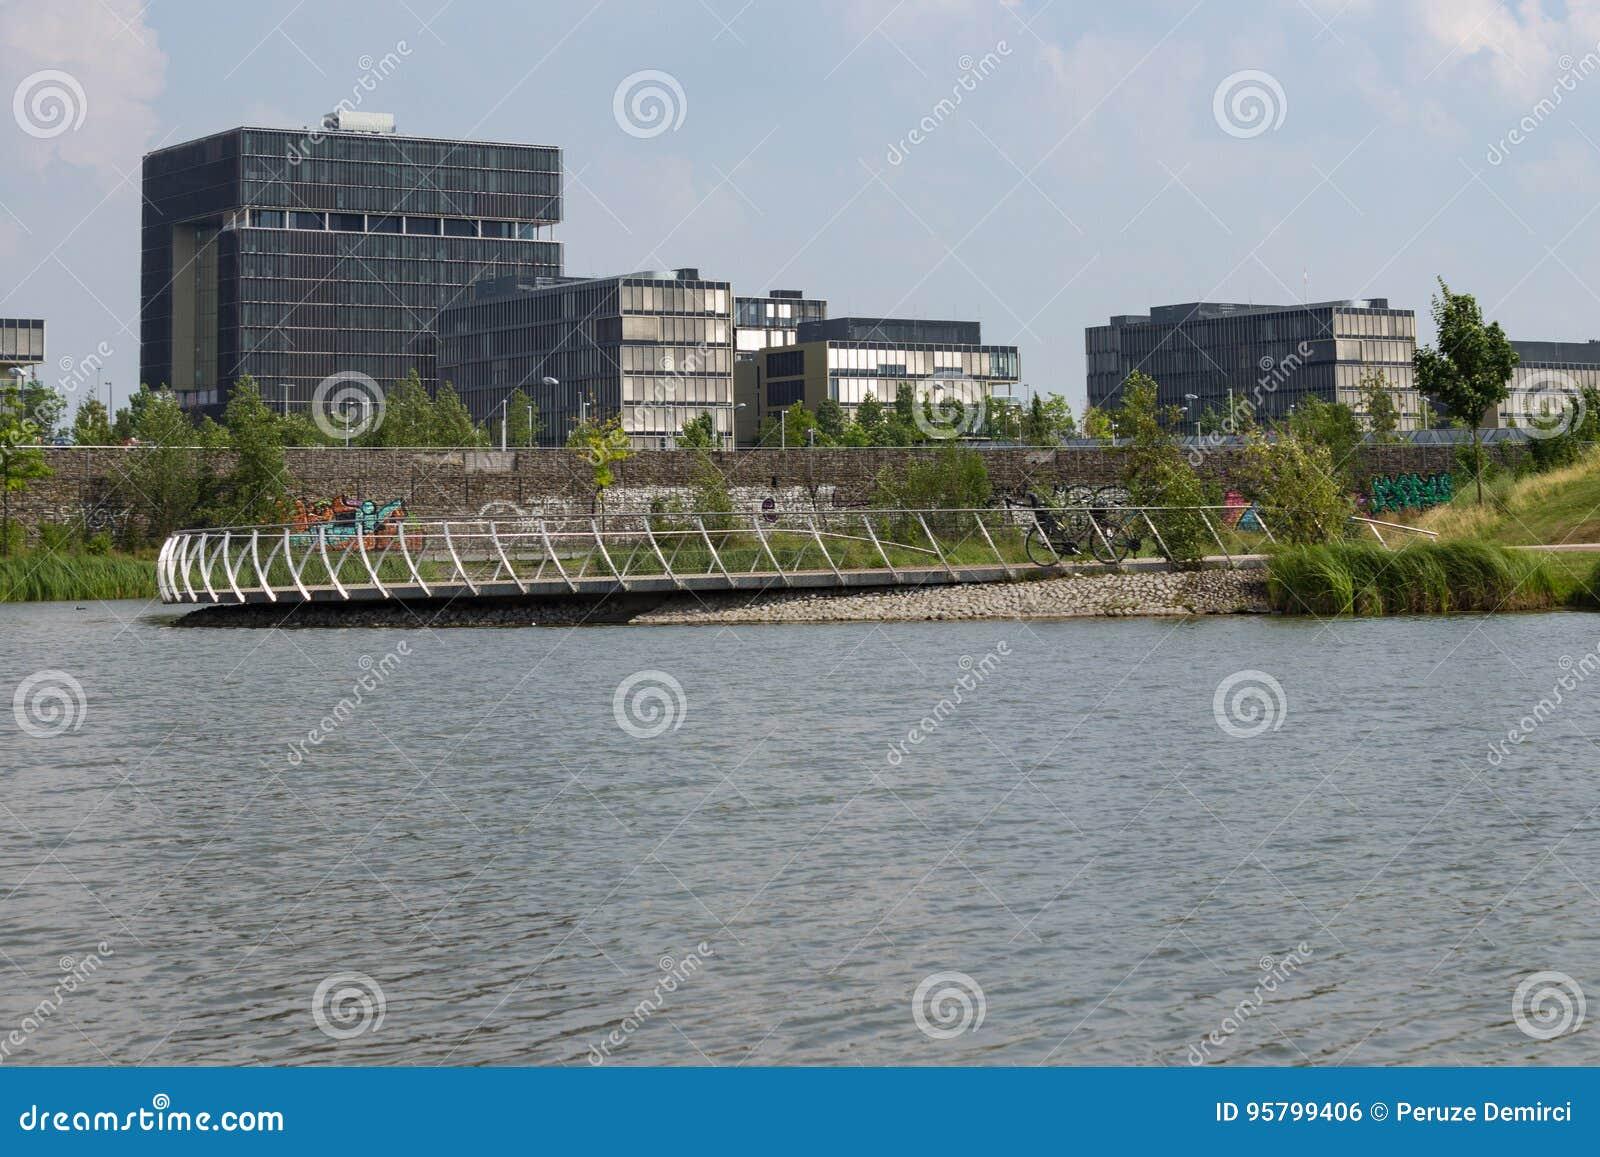 Matrizes de Krupp atrás do lago